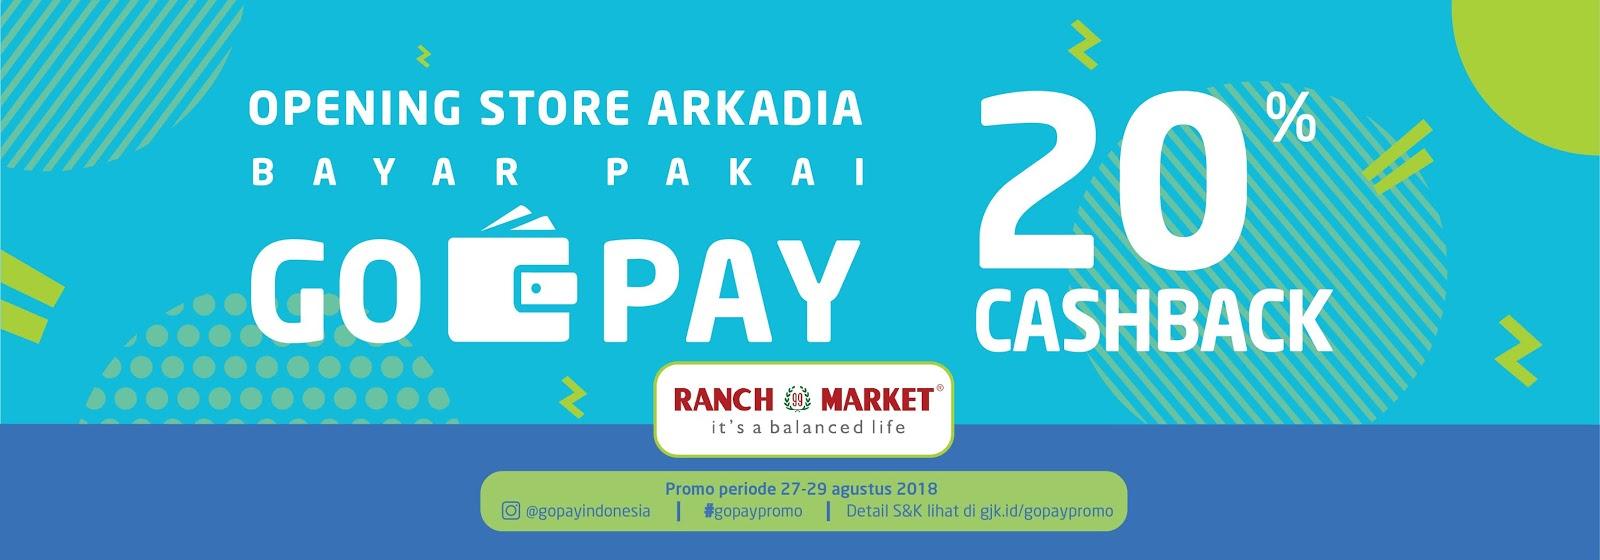 GoJek - Promo Cabang Ranch Market Arkadia Cashback 20% Pakai GOPAY